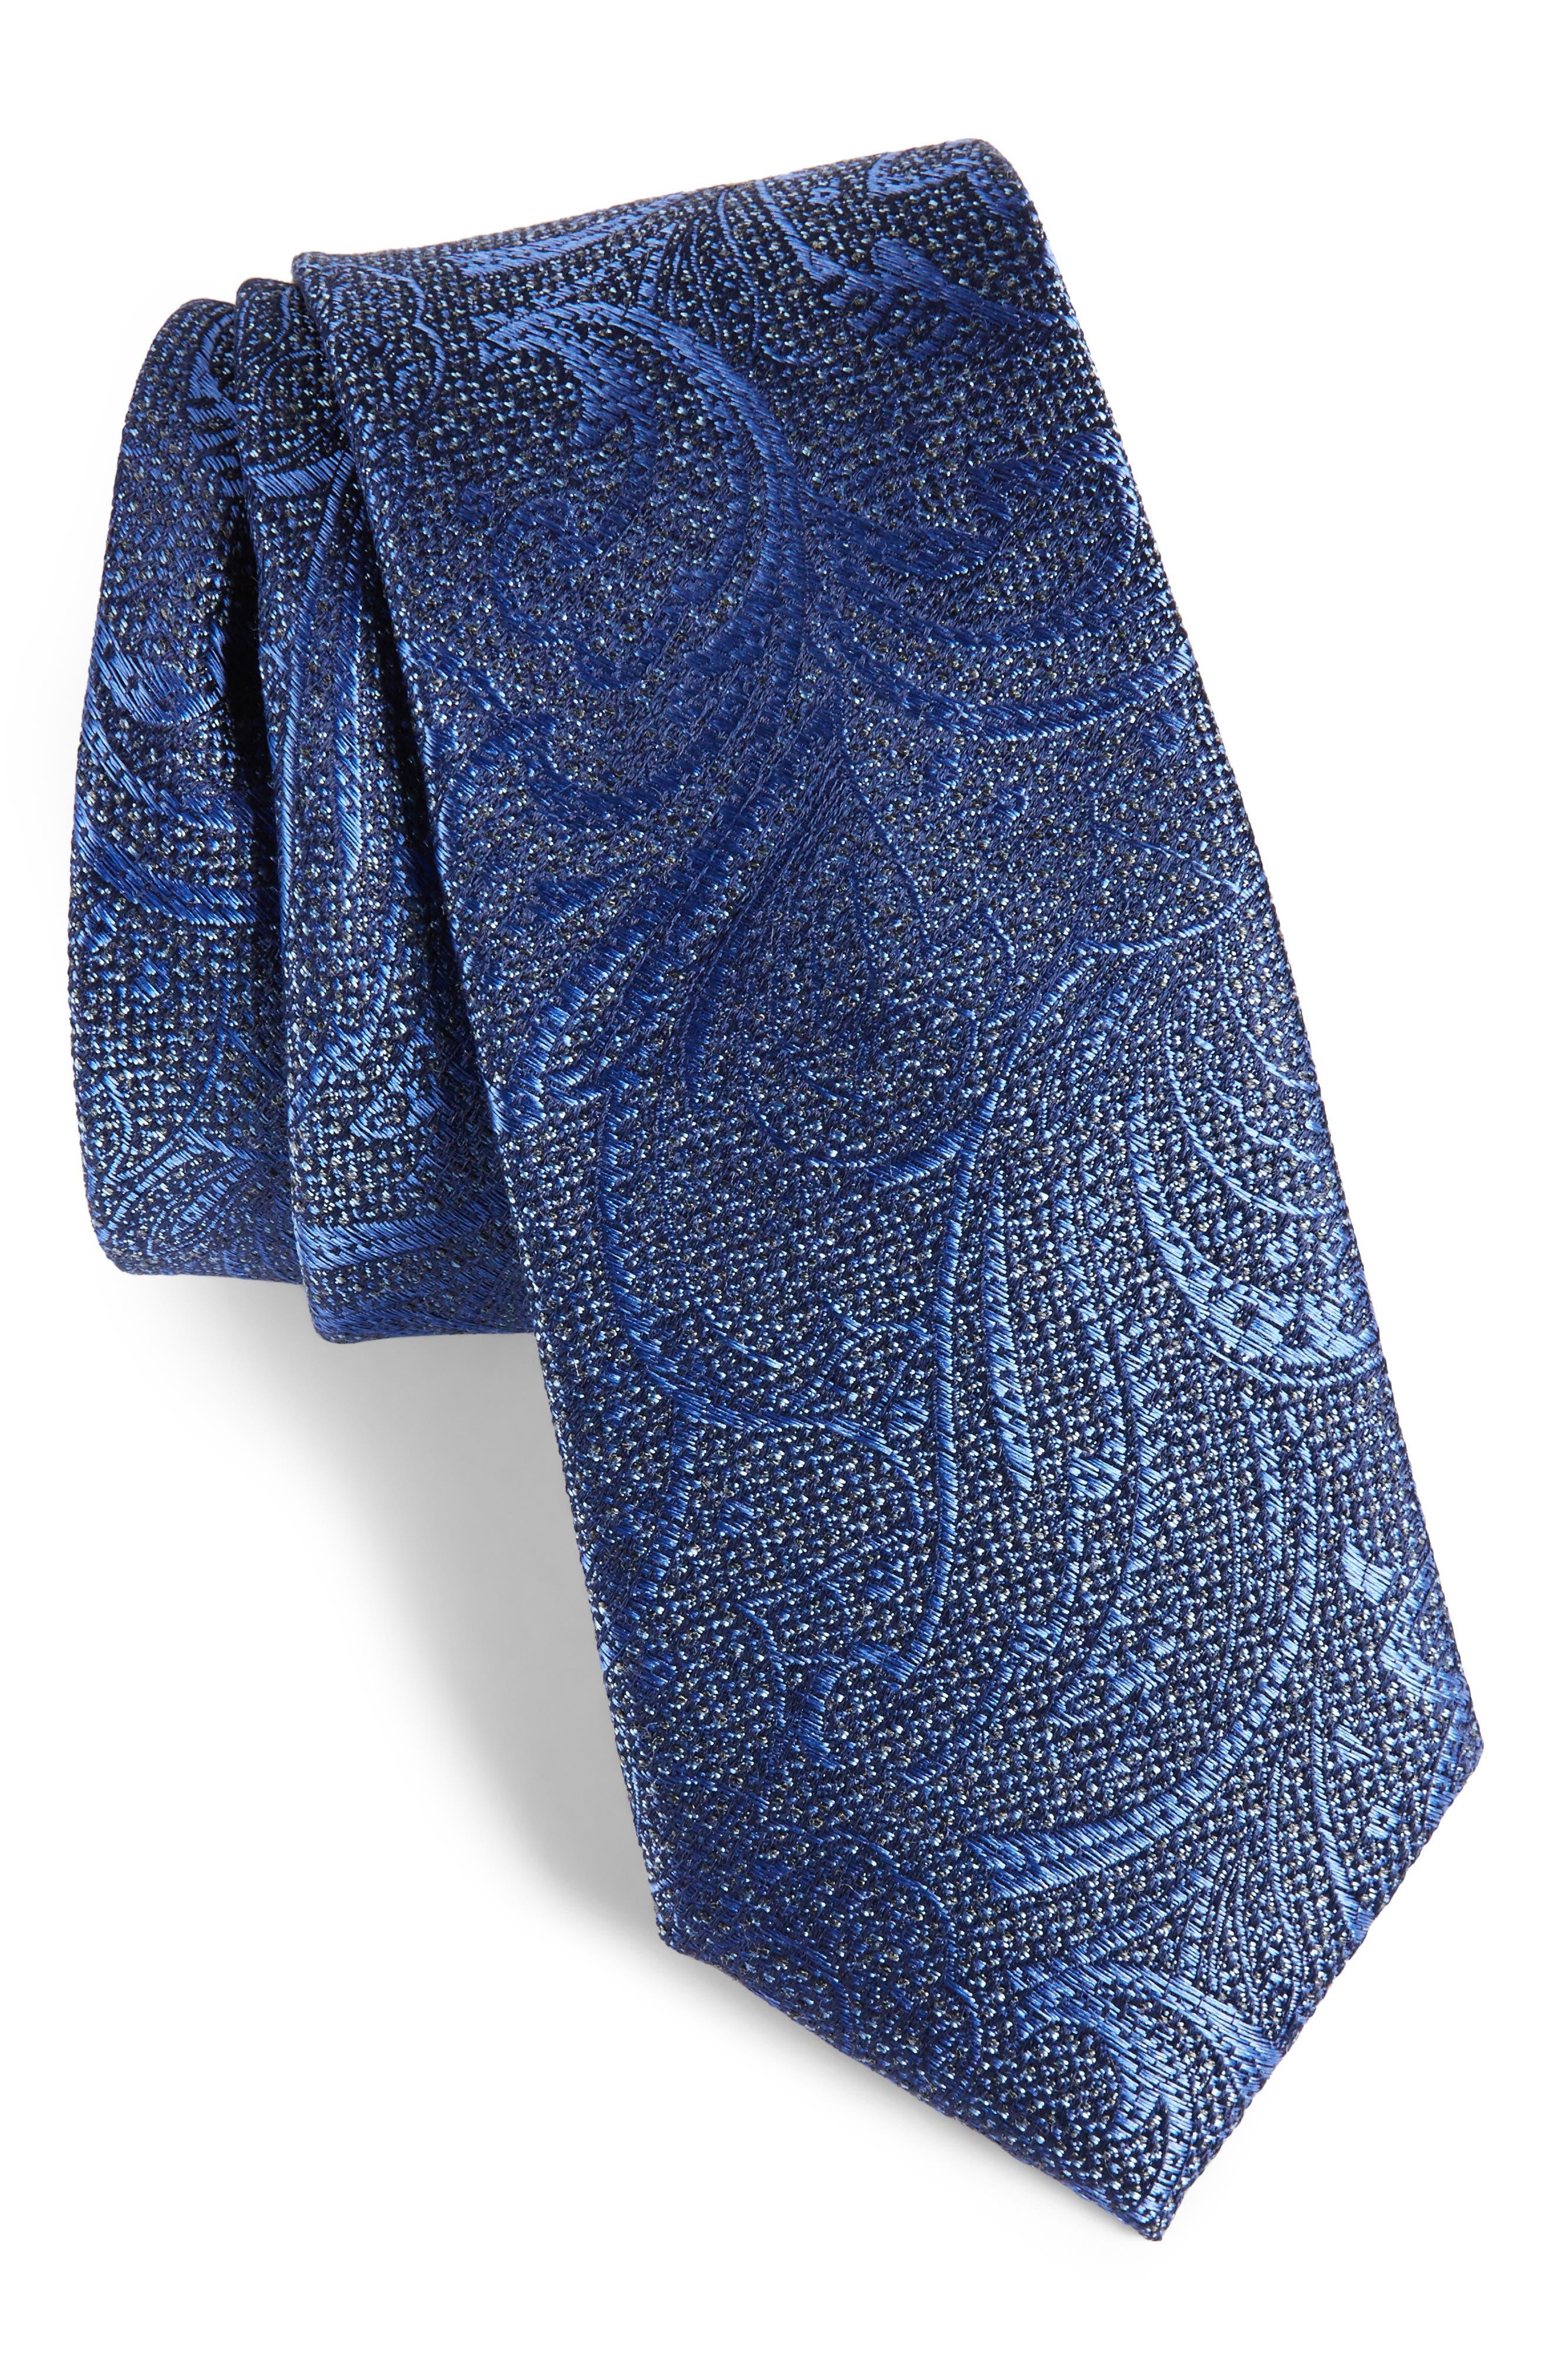 Alternate Image 1 Selected - Calibrate Hawkins Botanical Silk Tie